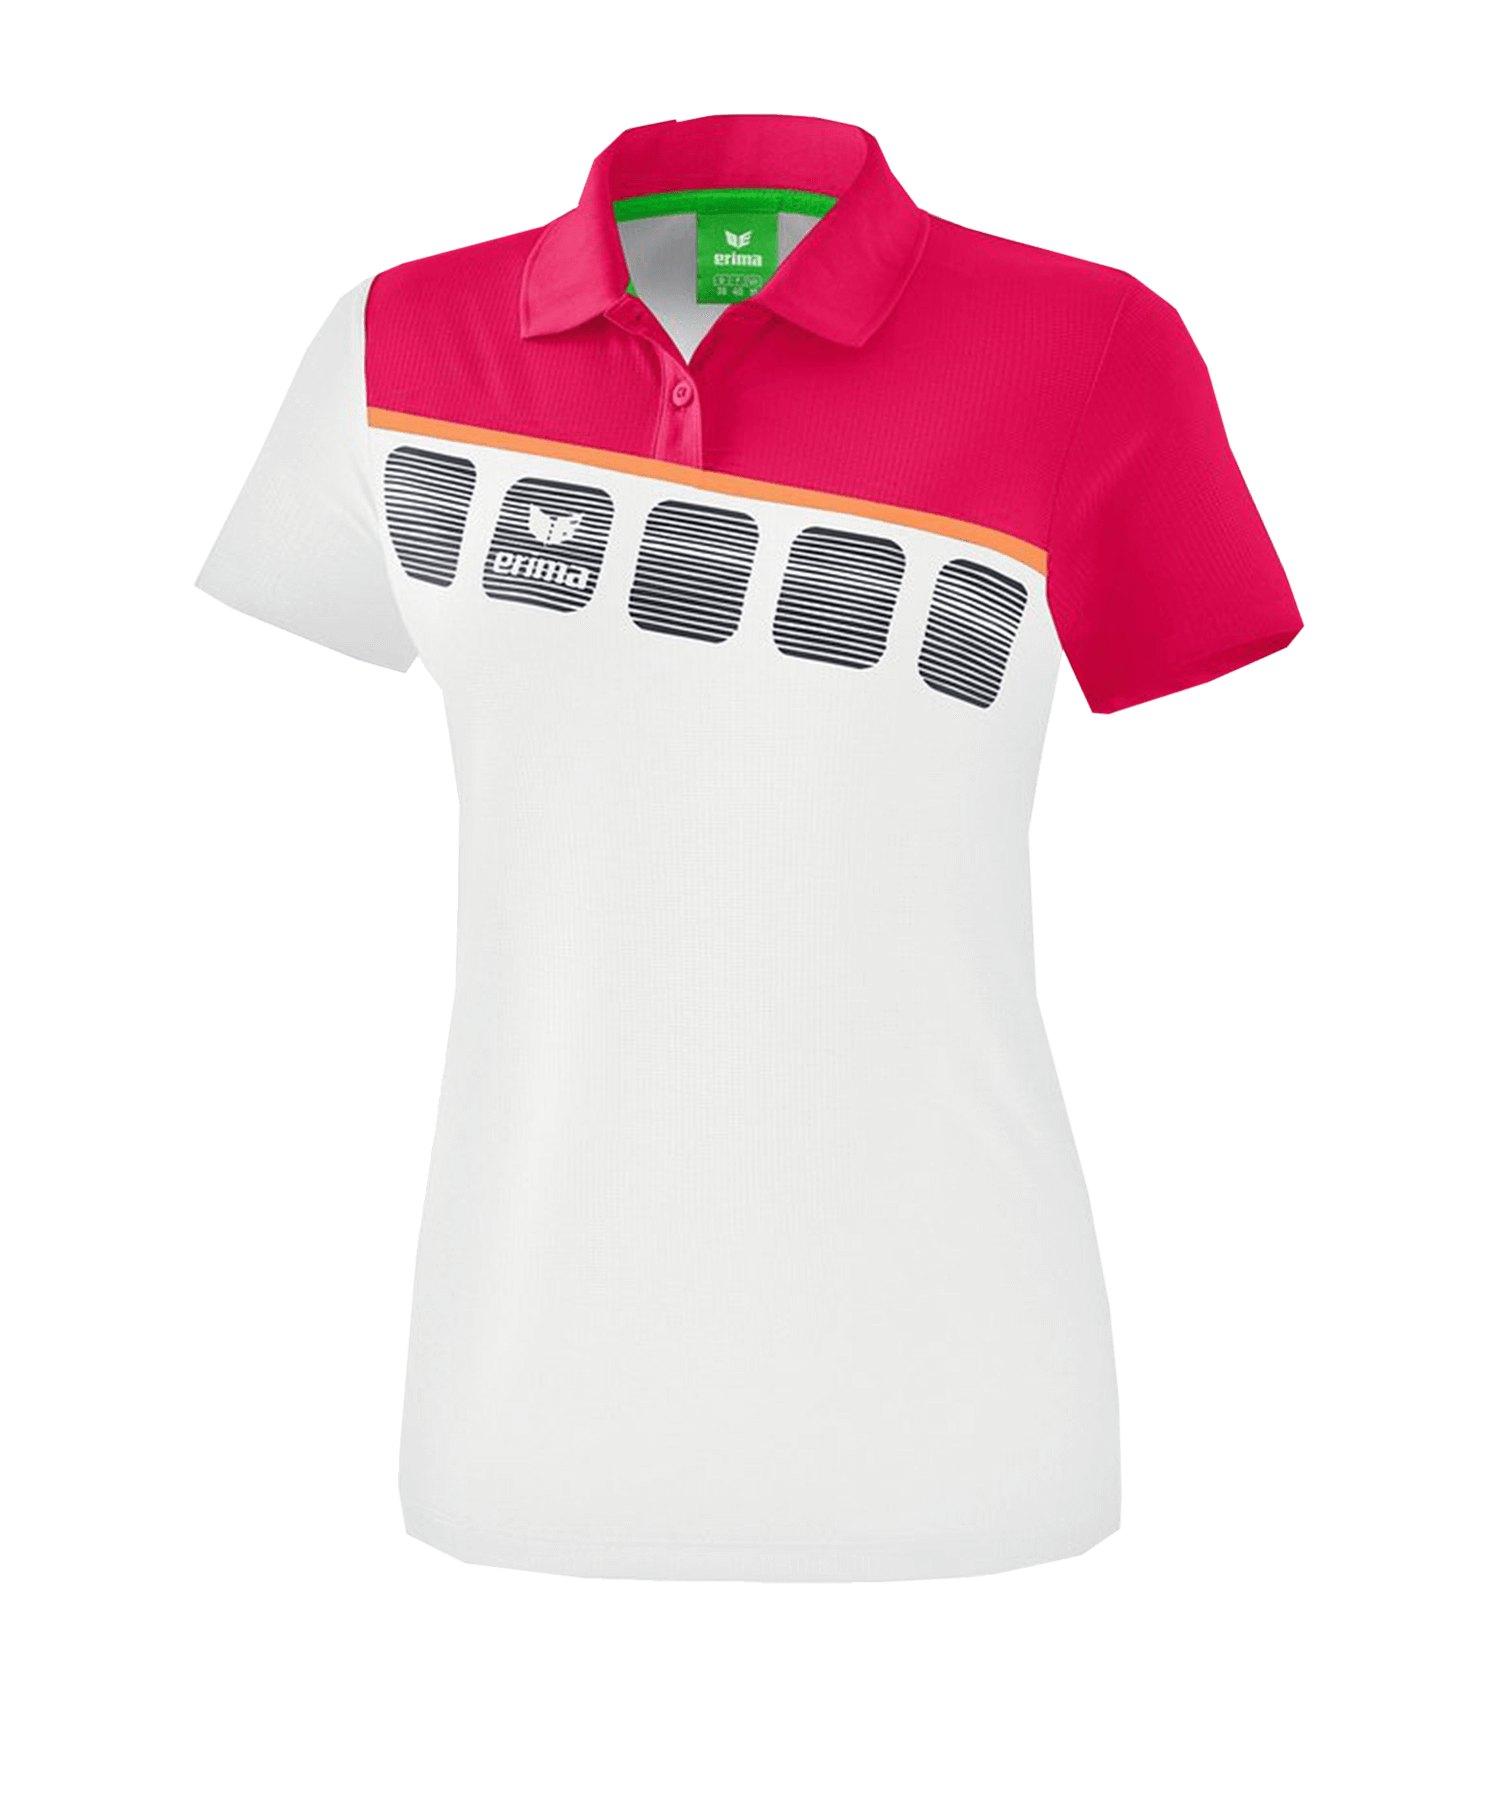 Erima 5-C Poloshirt Kids Weiss - Weiss